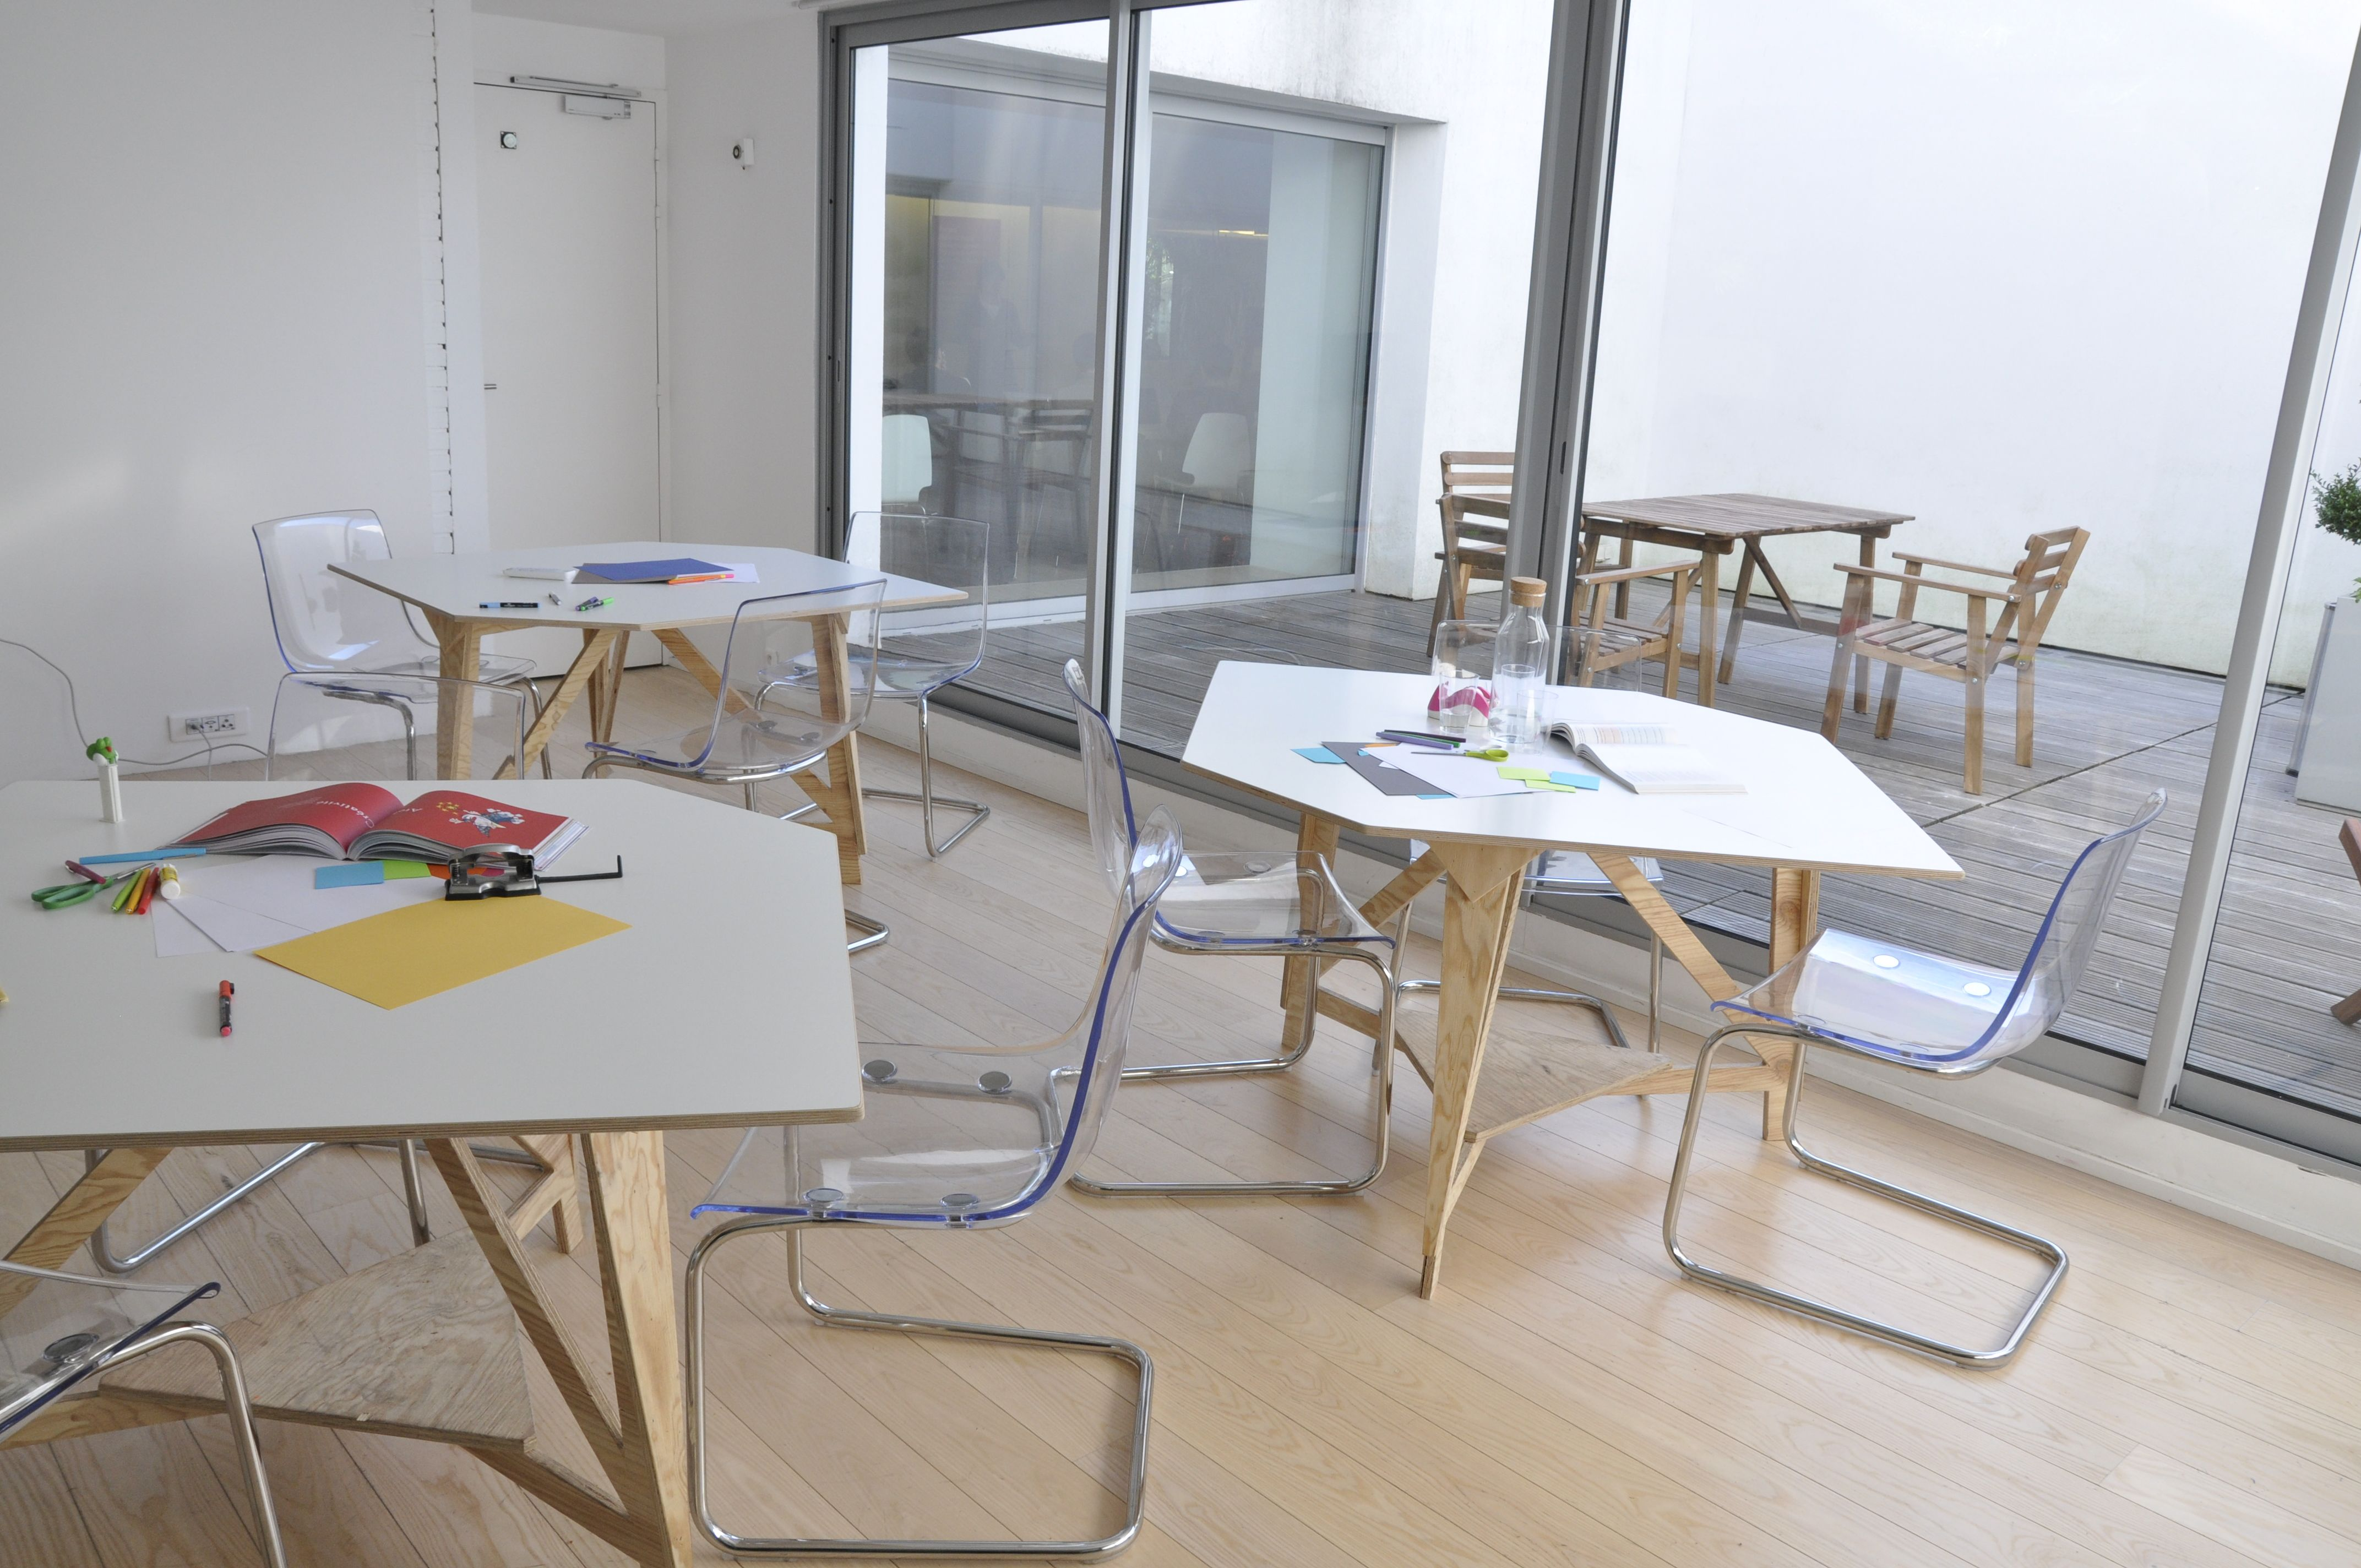 salle de réunion pour 10 personnes à Nantes